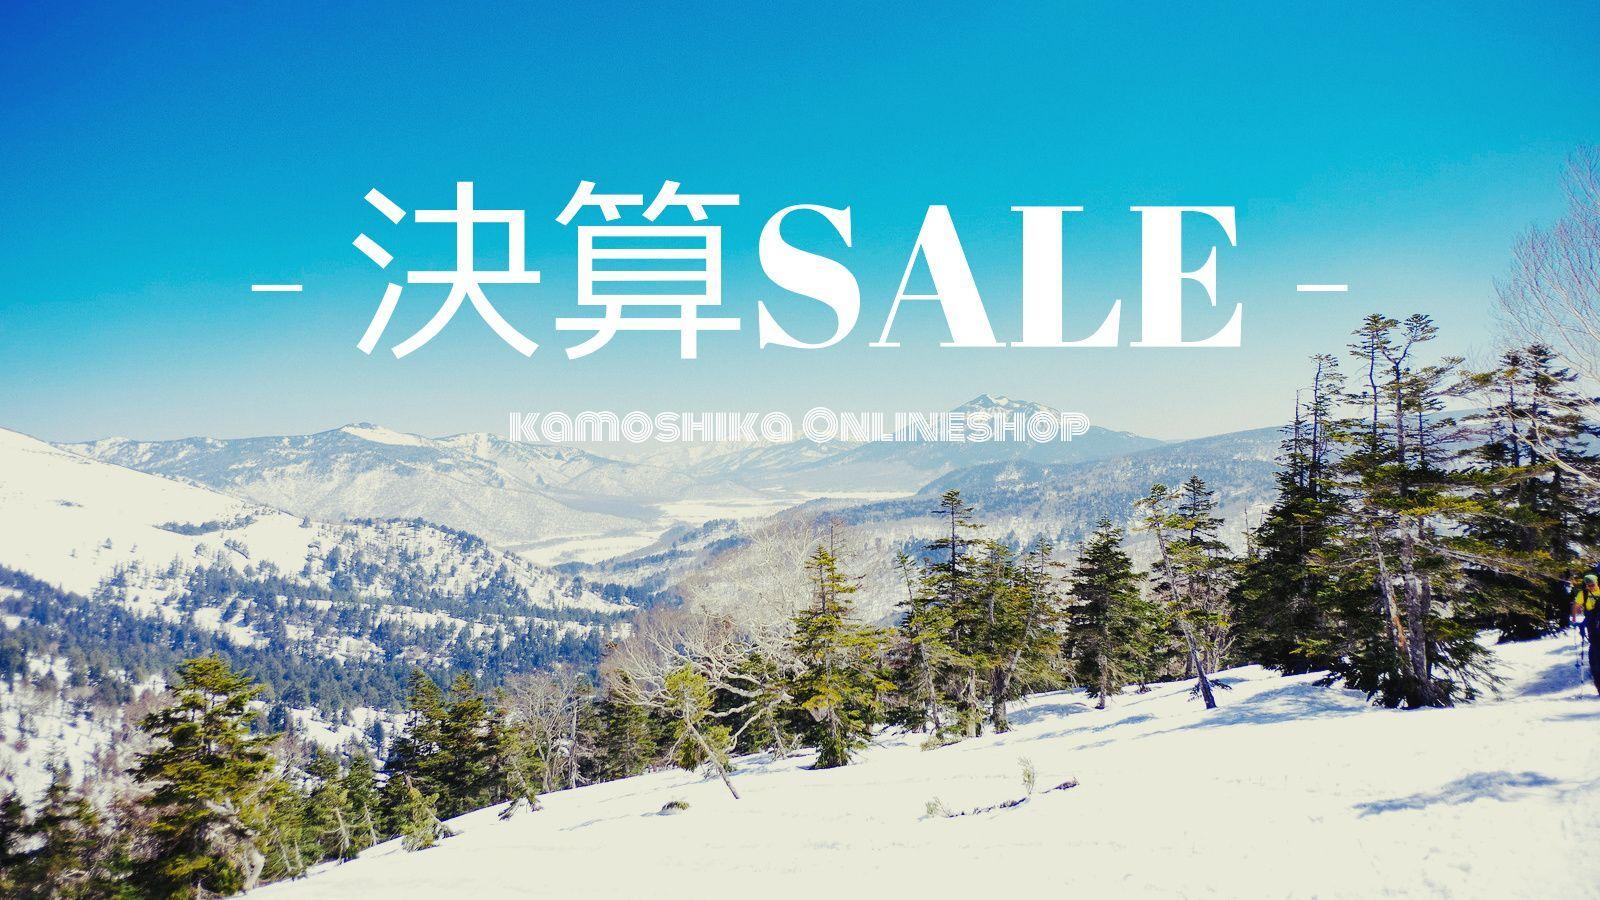 【3月31日(水)18時まで 会員限定 10%OFF】カモシカオンラインショップ 決算セール 開催